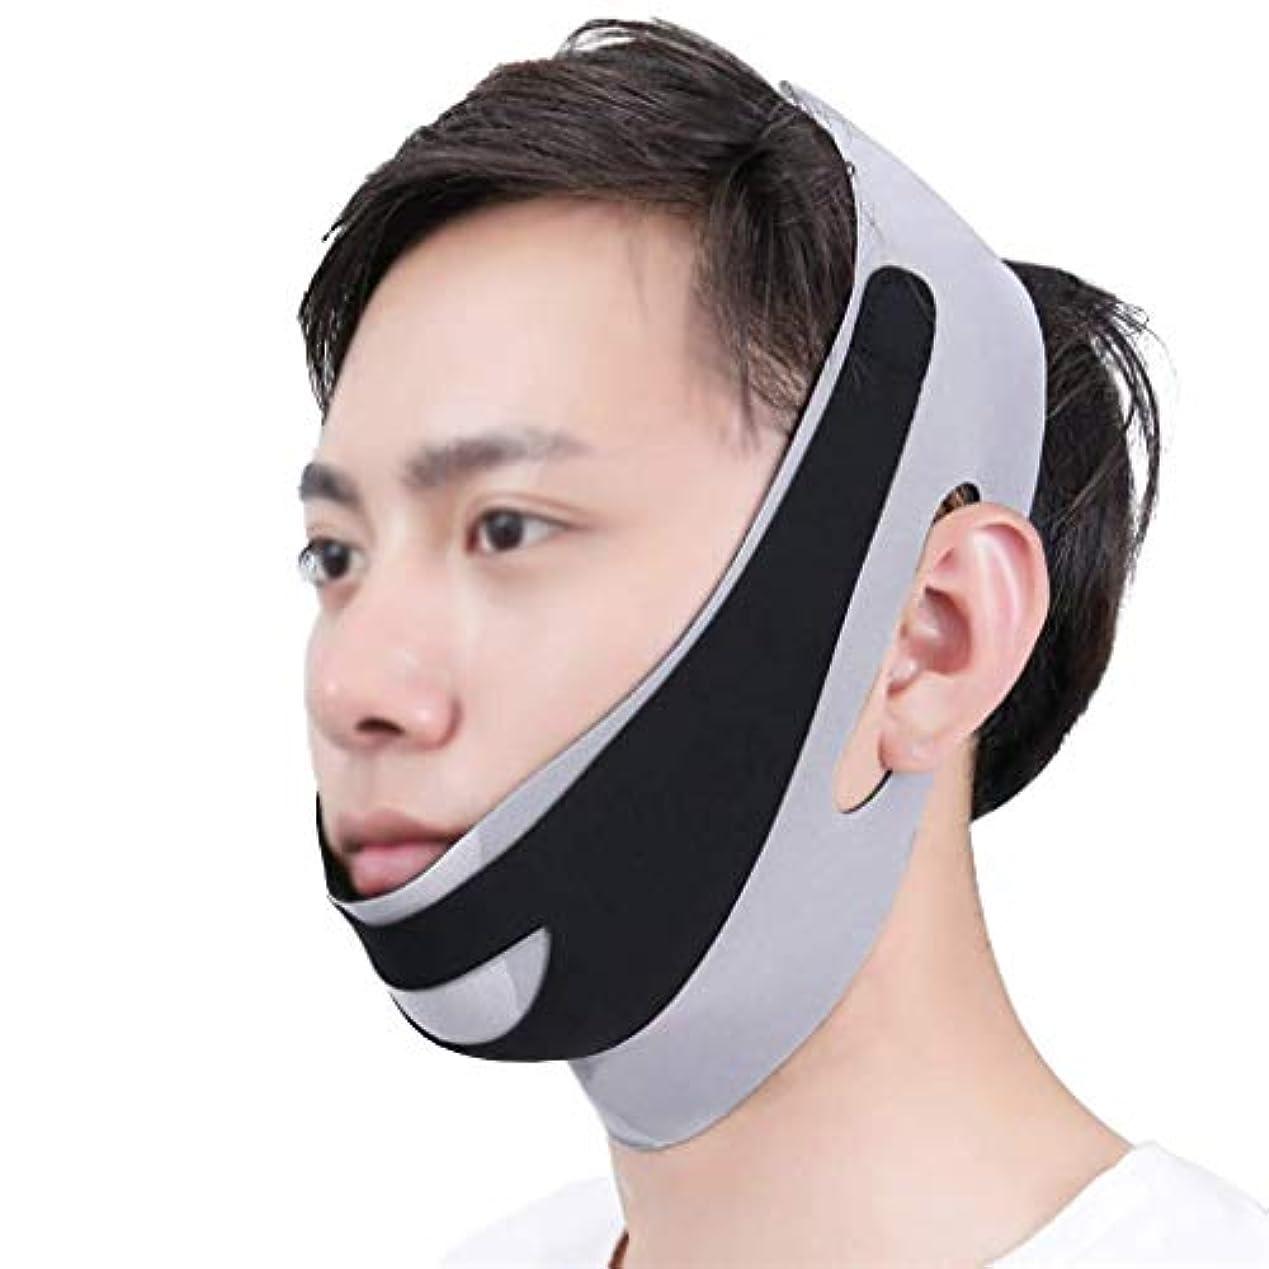 みがきます怒り確認してください顔と首のリフト術後の弾性フェイスマスク小さなV顔アーティファクト薄い顔包帯アーティファクトV顔ぶら下げ耳リフティング引き締め男性の顔アーティファクト